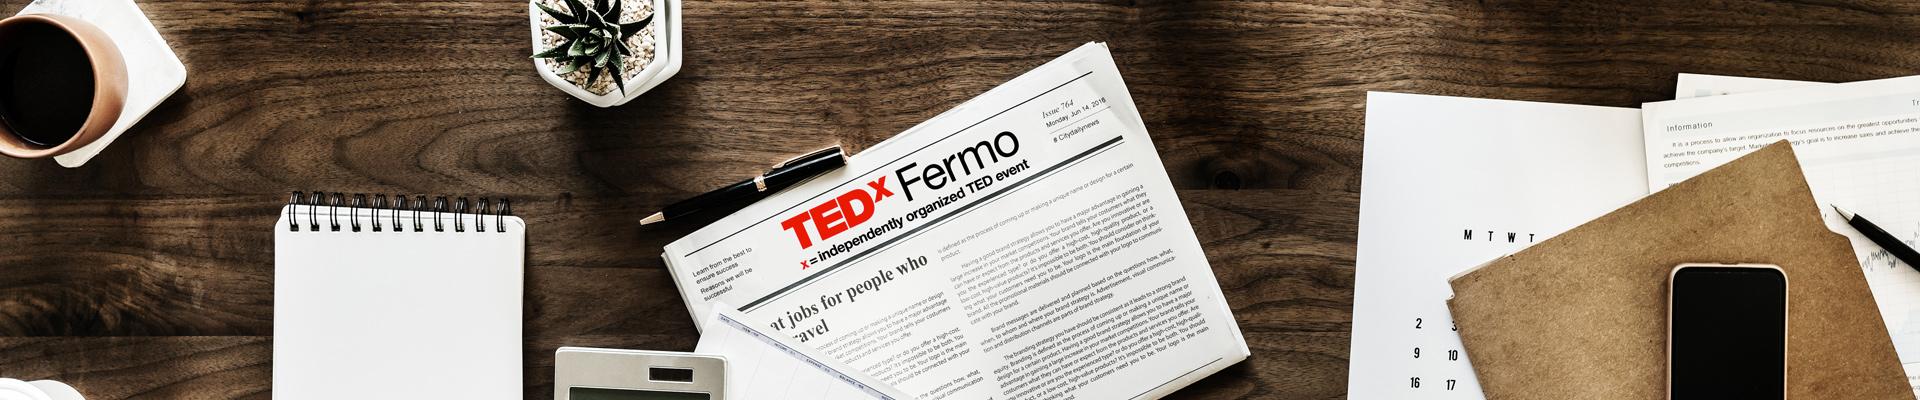 Press Area TEDx Fermo